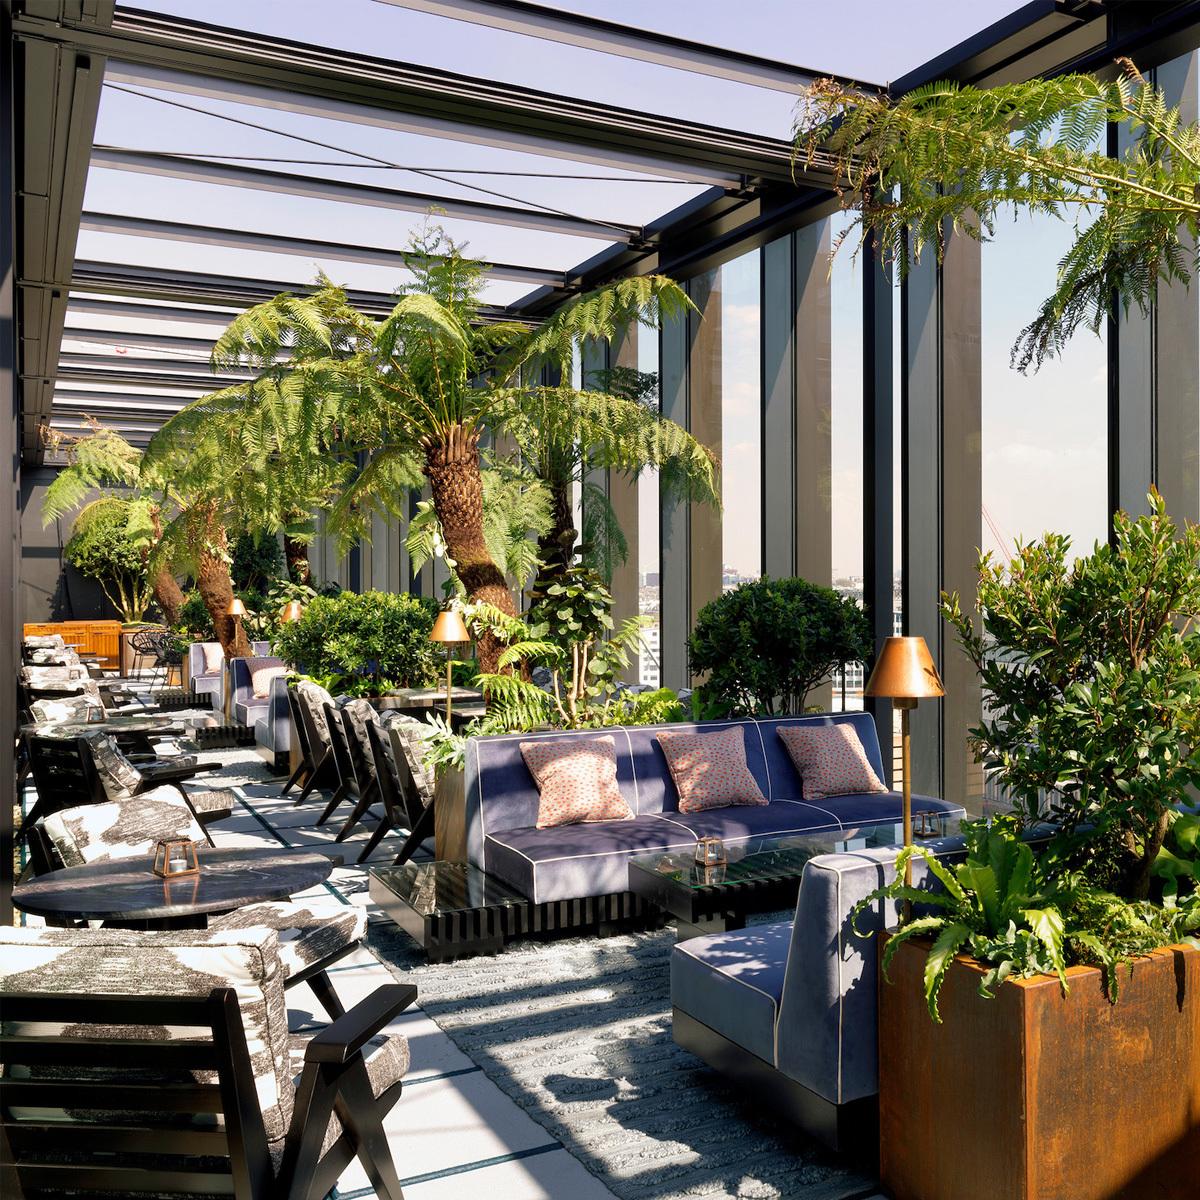 Soho House, White City by Design: Soho House & AHMM Architects